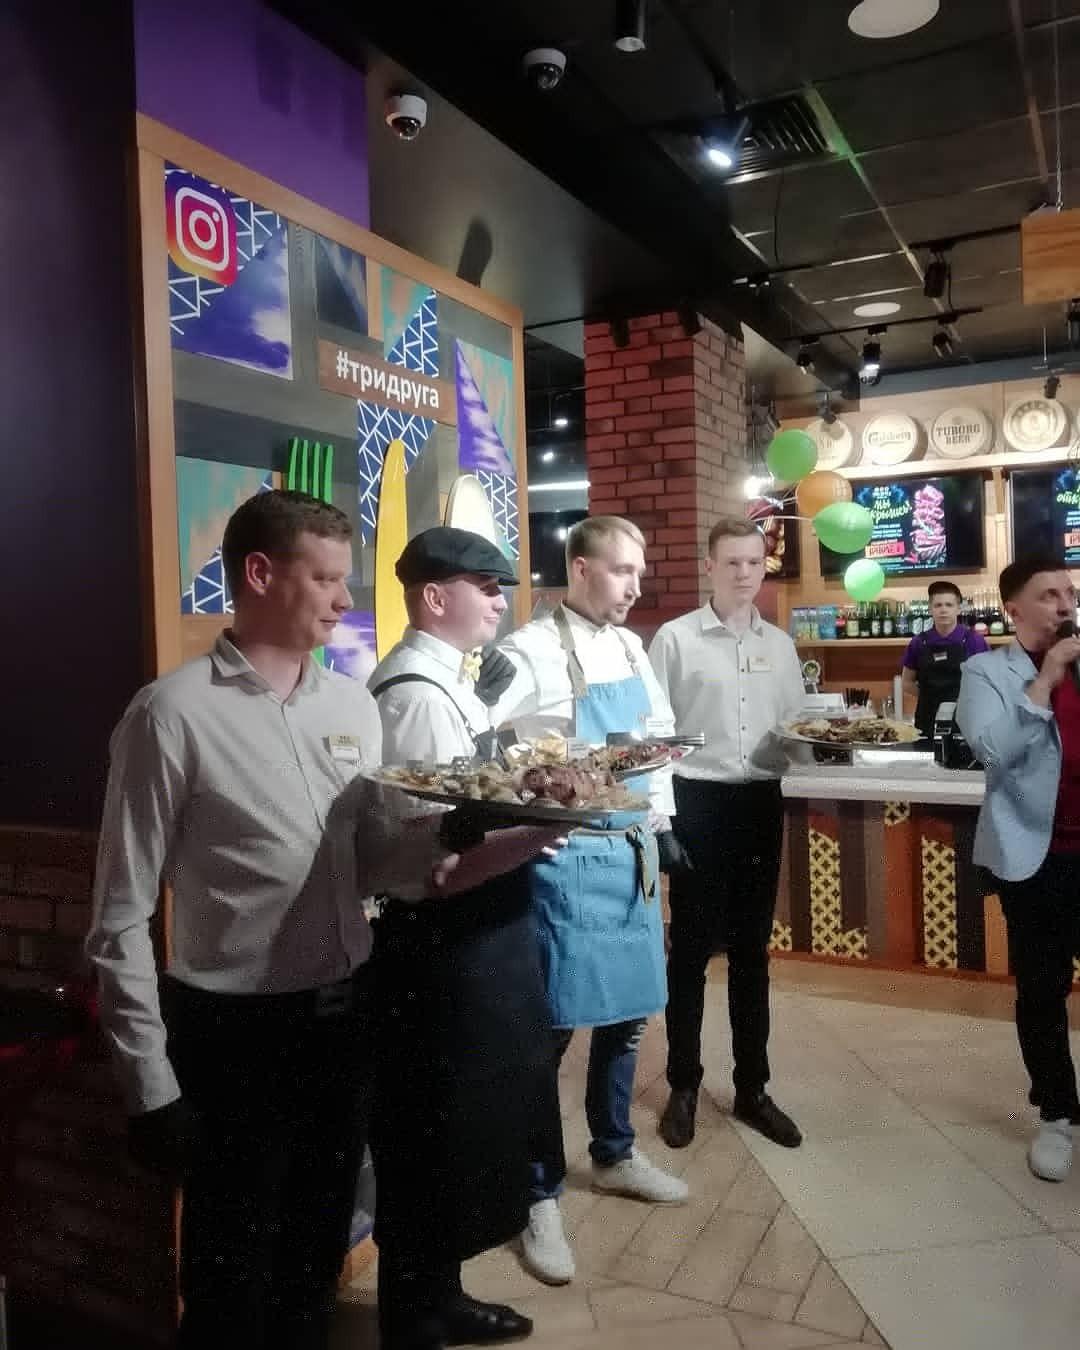 Фартуки и кепи для официантов-красавчиков нового Гриль-кафе «Три Dруга»  в нашем исполнении ️